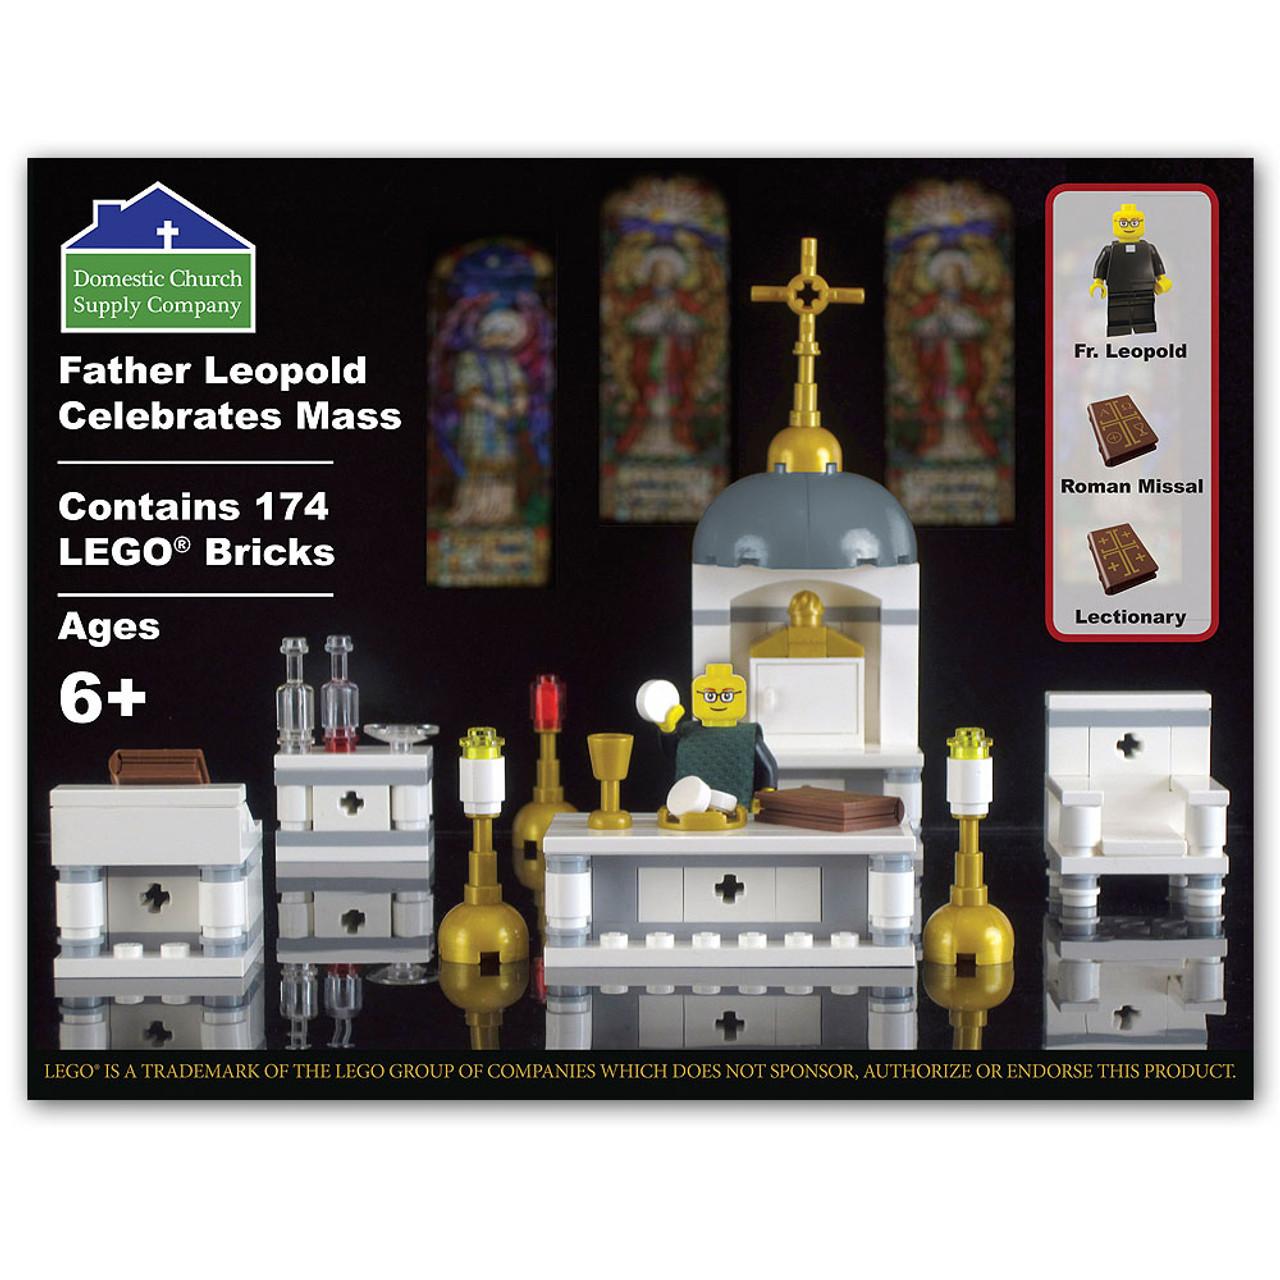 Father Leopold Celebrates Mass Religious Lego Set